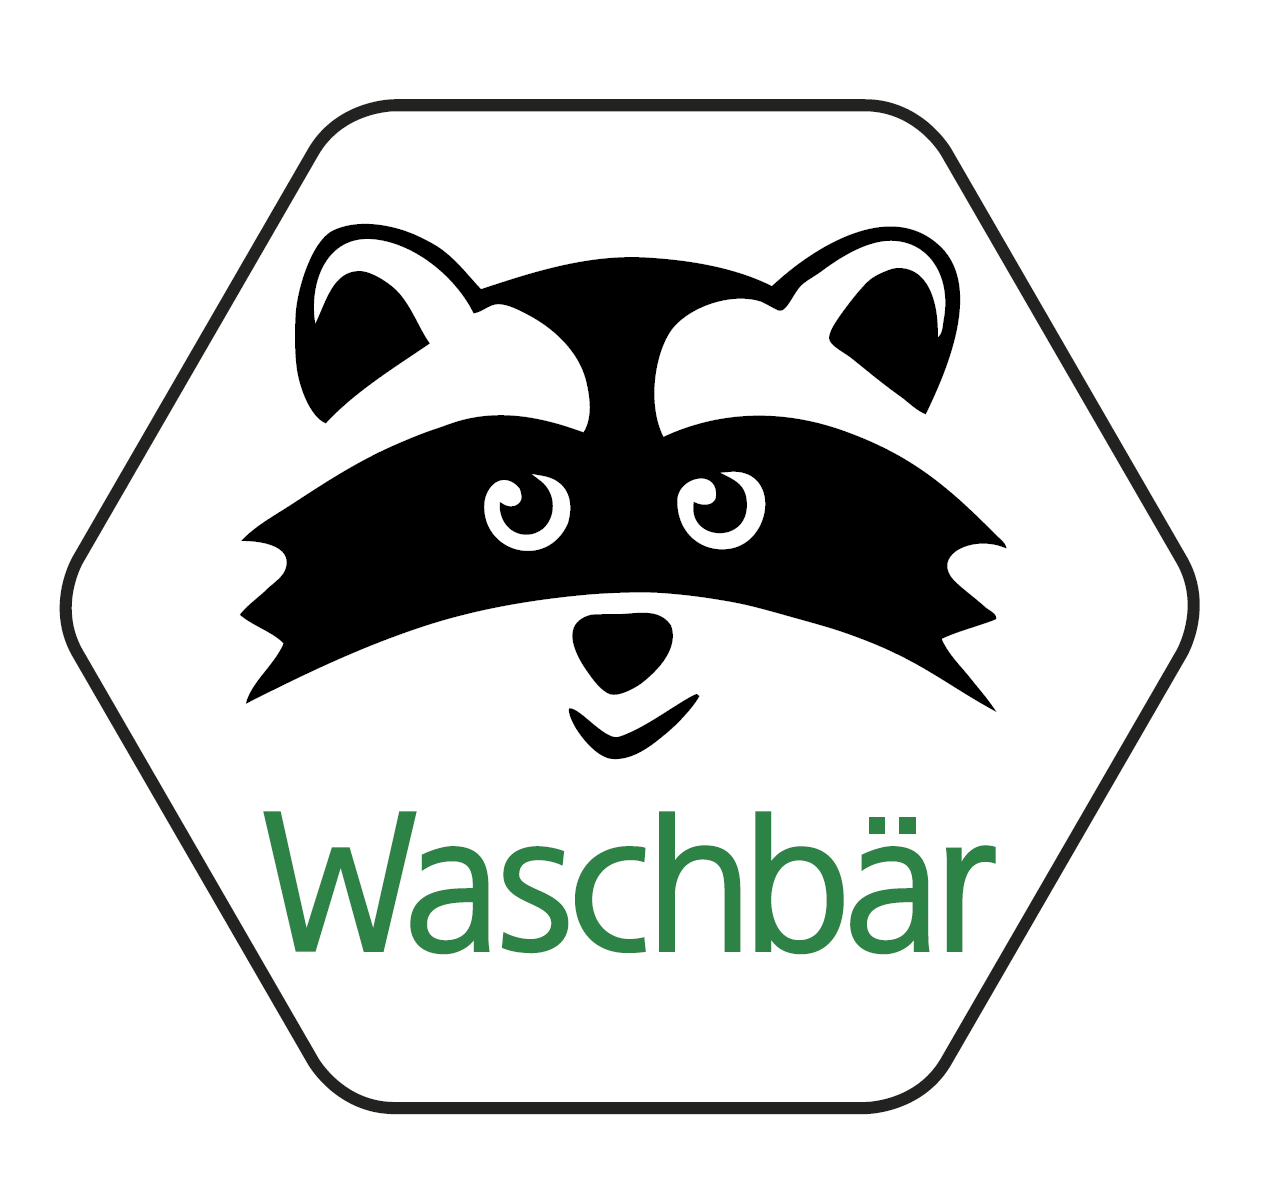 Waschbär: Umweltversand für Naturmode & Bioprodukte